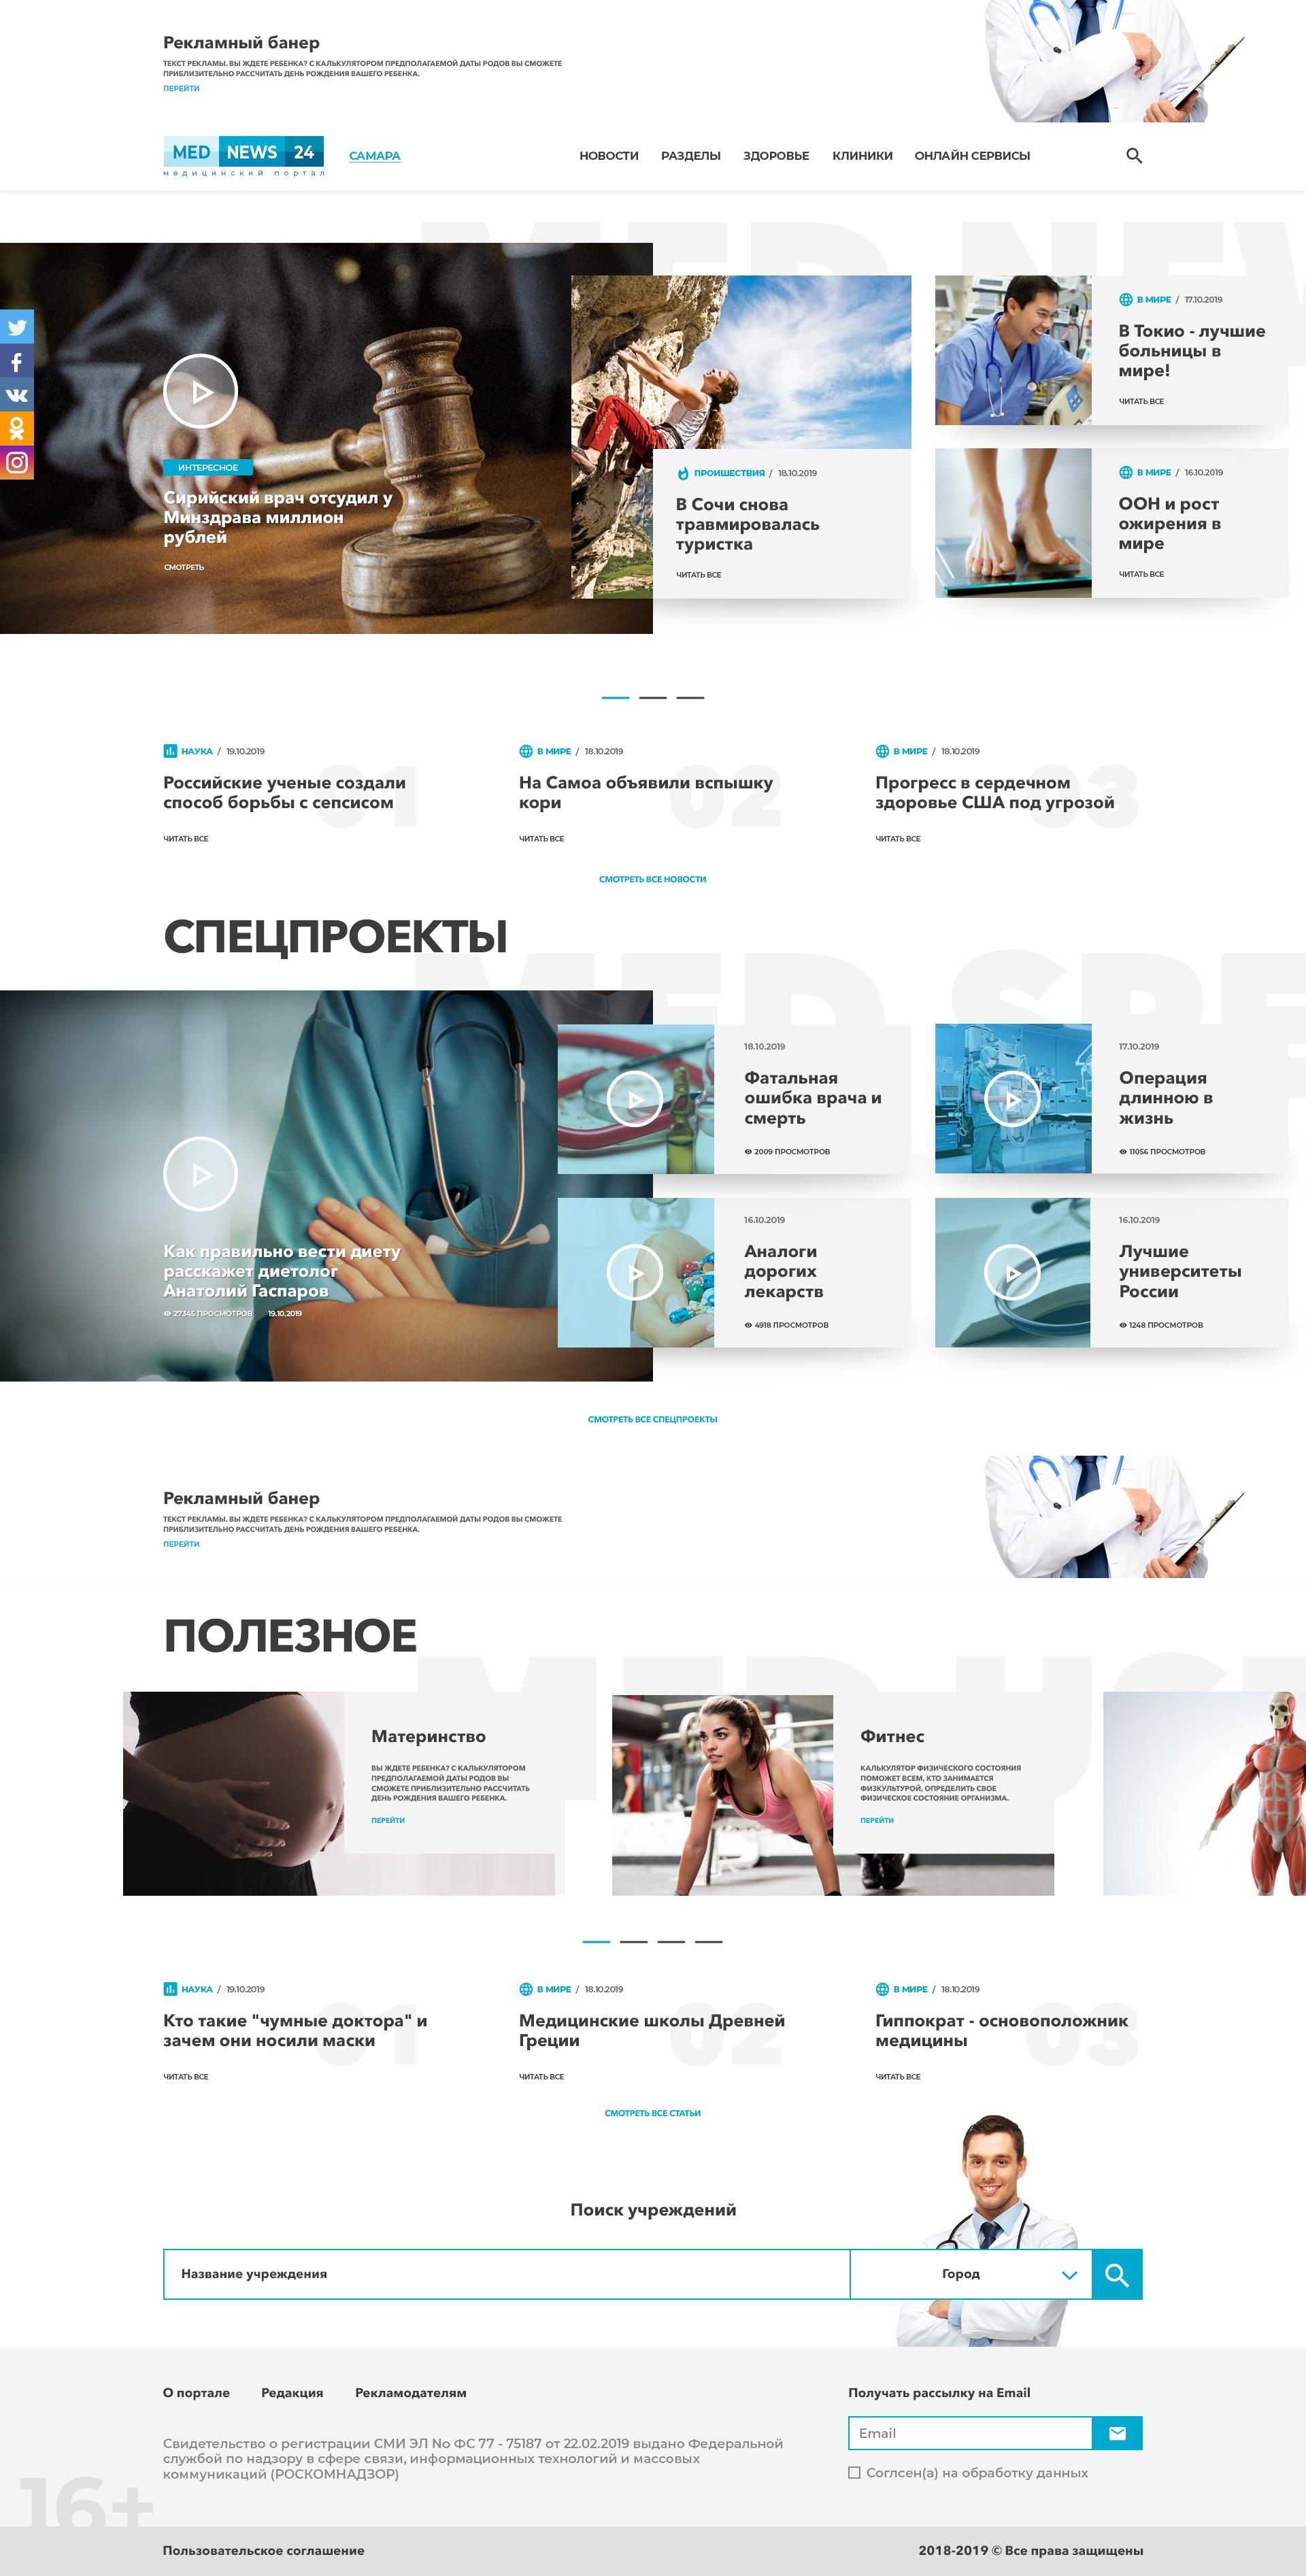 Редизайн главной страницы портала mednews24.ru фото f_5315daa4bc20dd8d.jpg